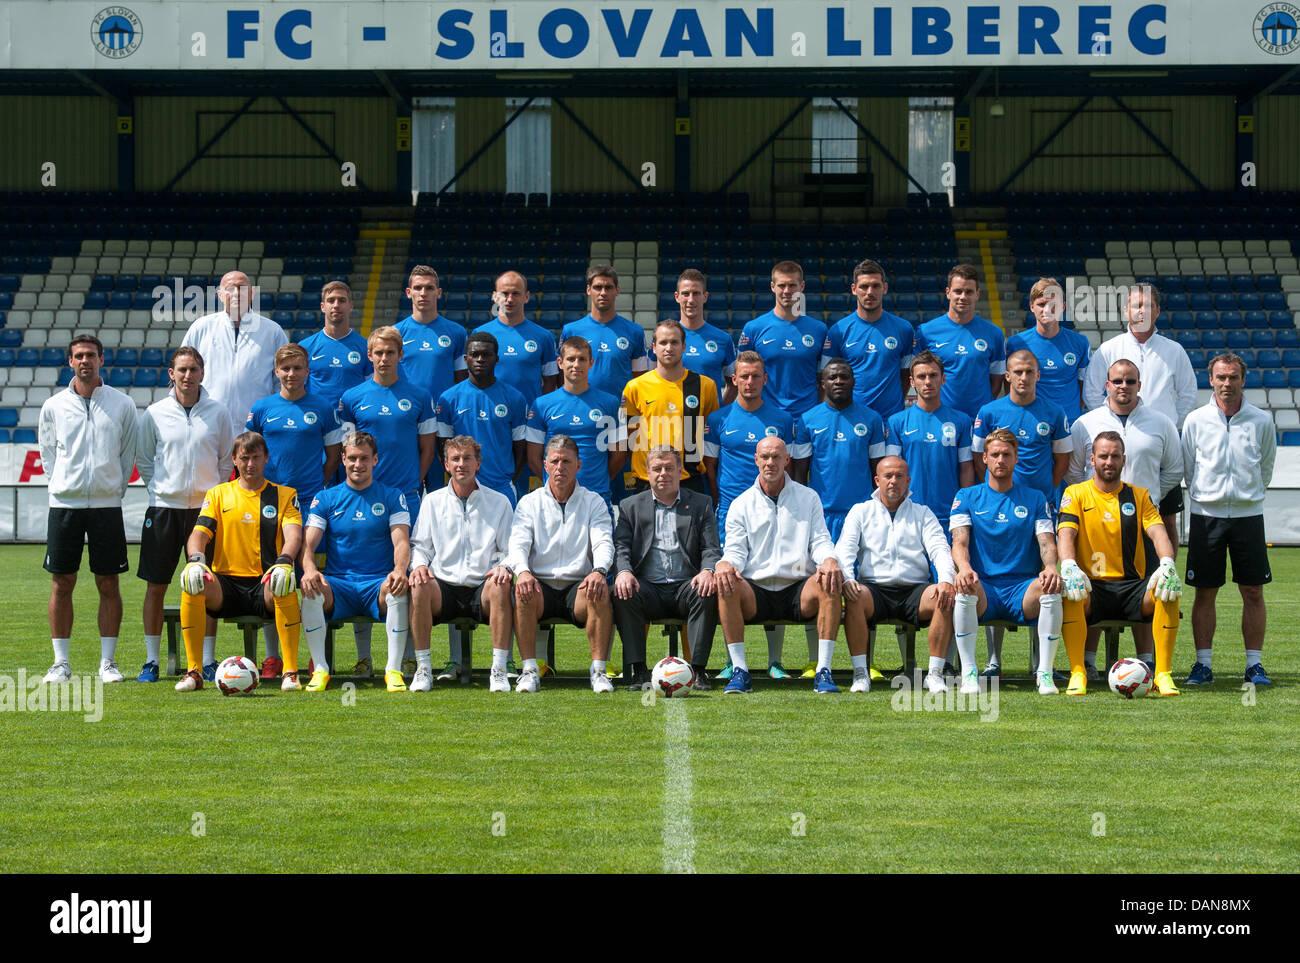 FC Slovan Liberec | offizielle Website  |Fcsb-slovan Liberec